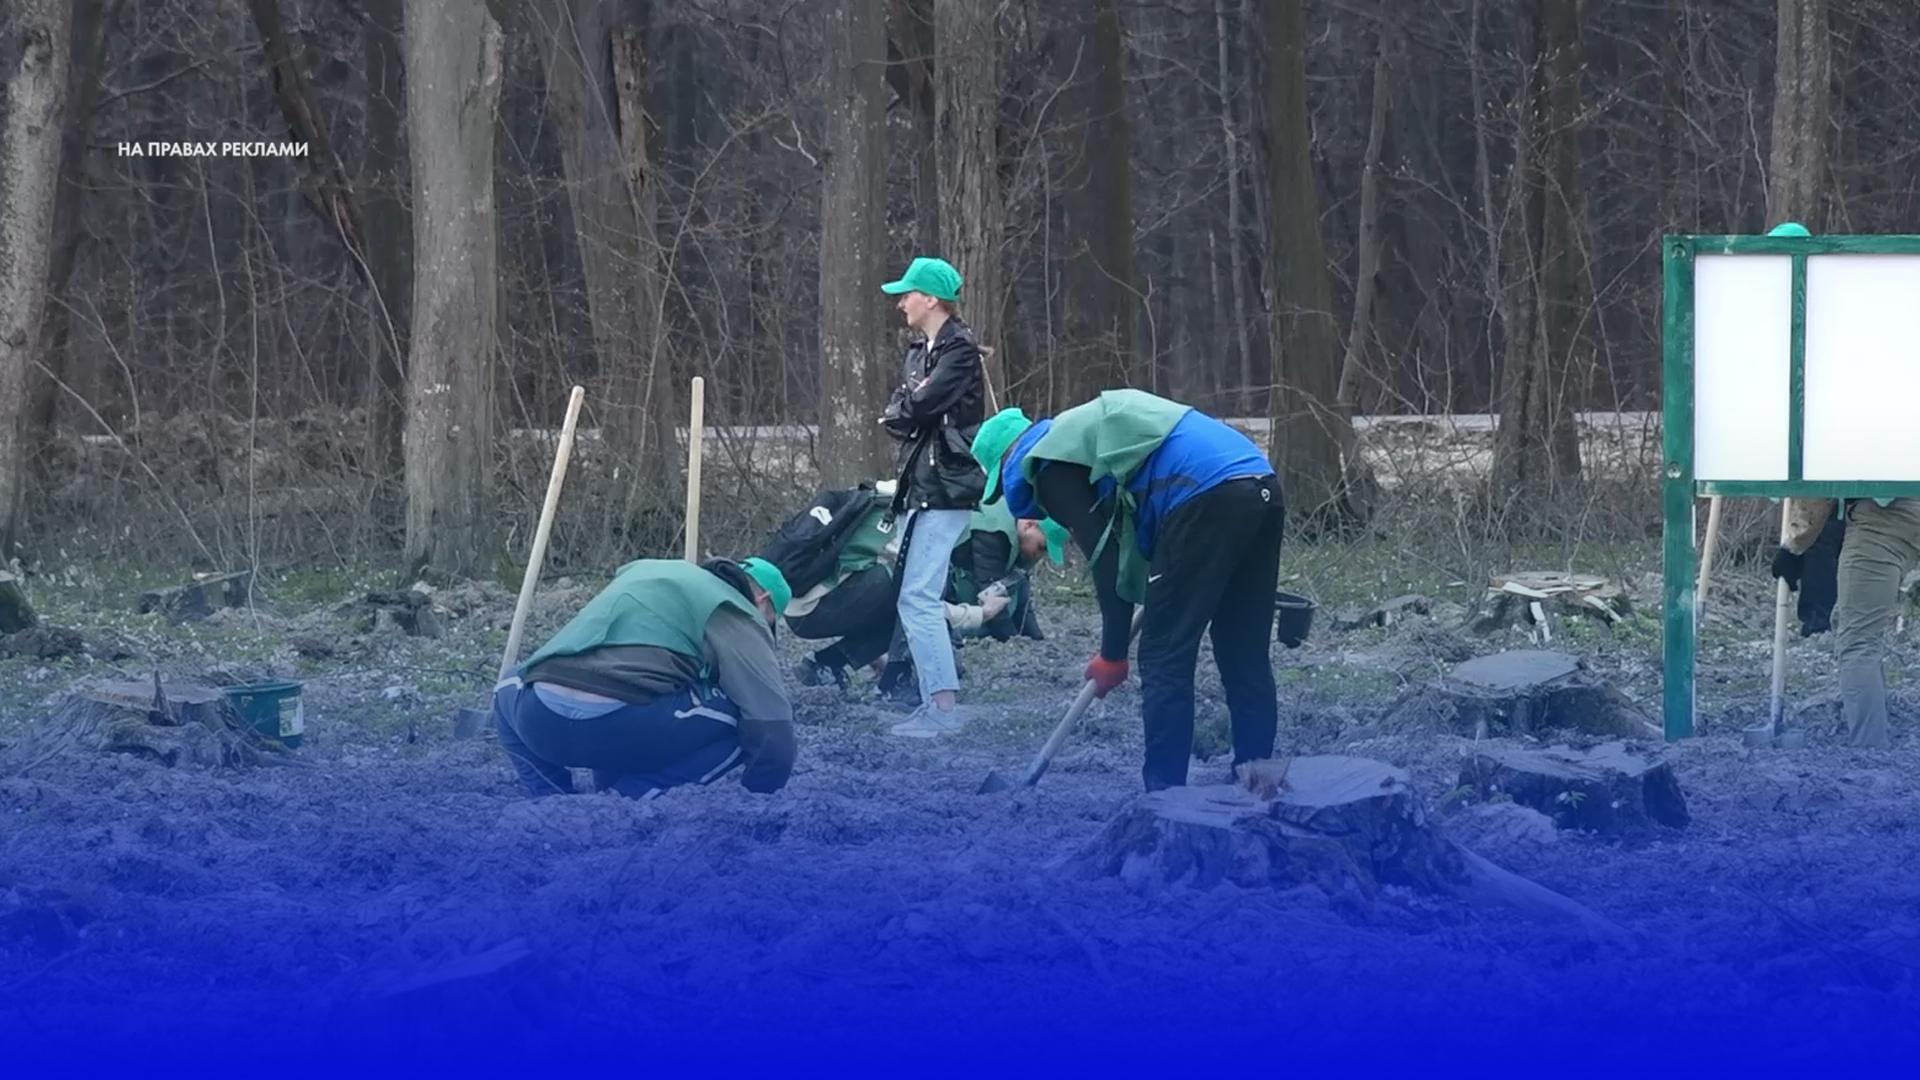 «Створюємо ліси разом»: на Чортківщині висадили тисячі саджанців дуба